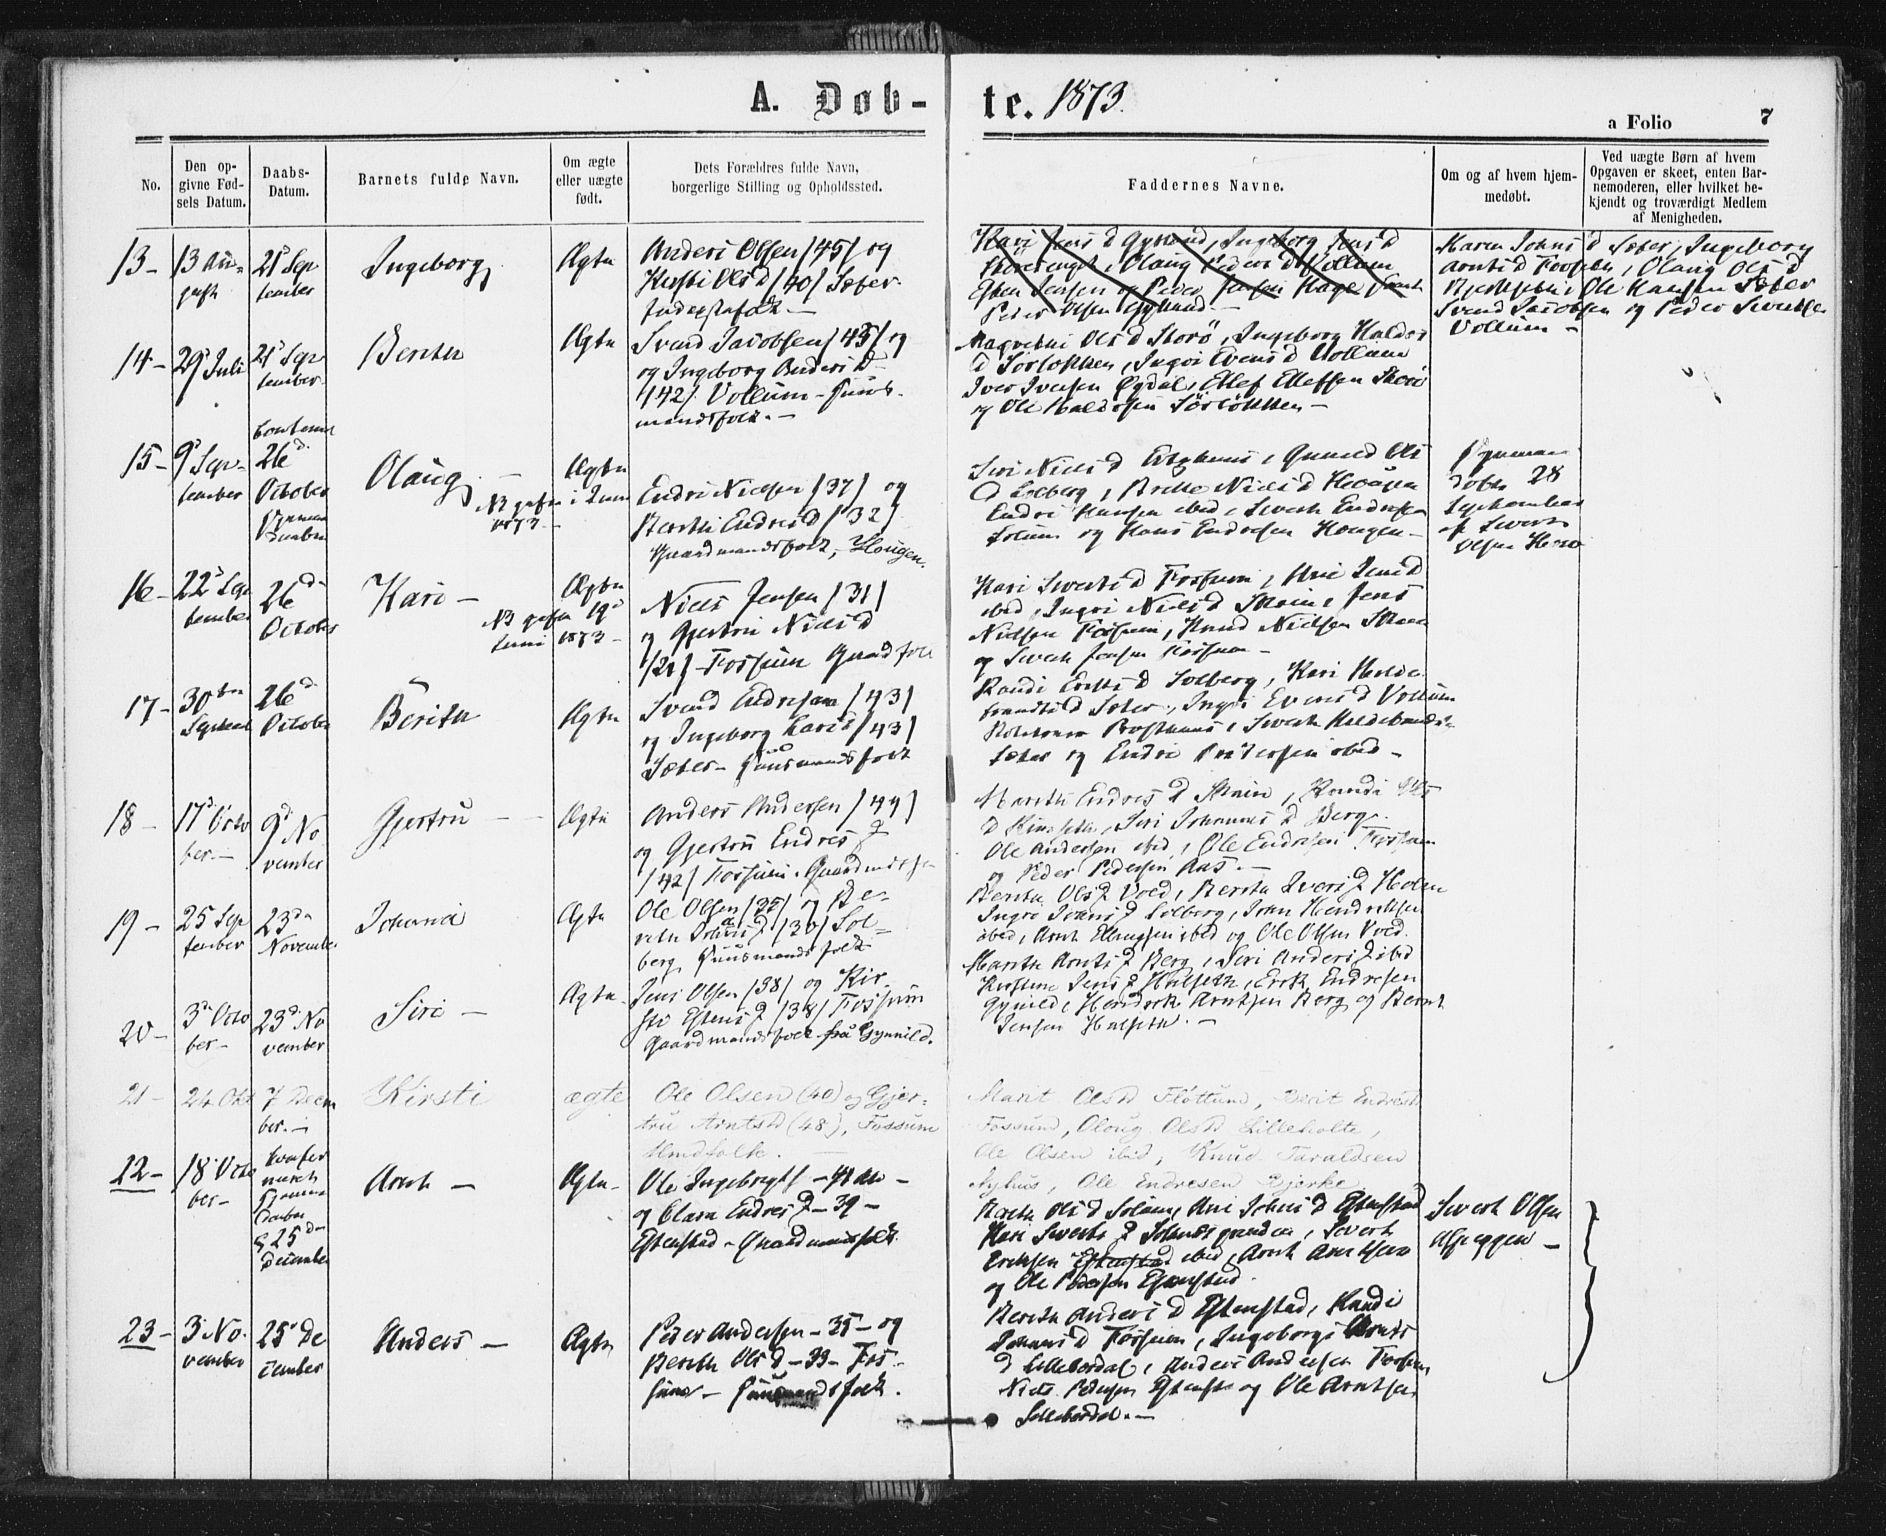 SAT, Ministerialprotokoller, klokkerbøker og fødselsregistre - Sør-Trøndelag, 689/L1039: Ministerialbok nr. 689A04, 1865-1878, s. 7